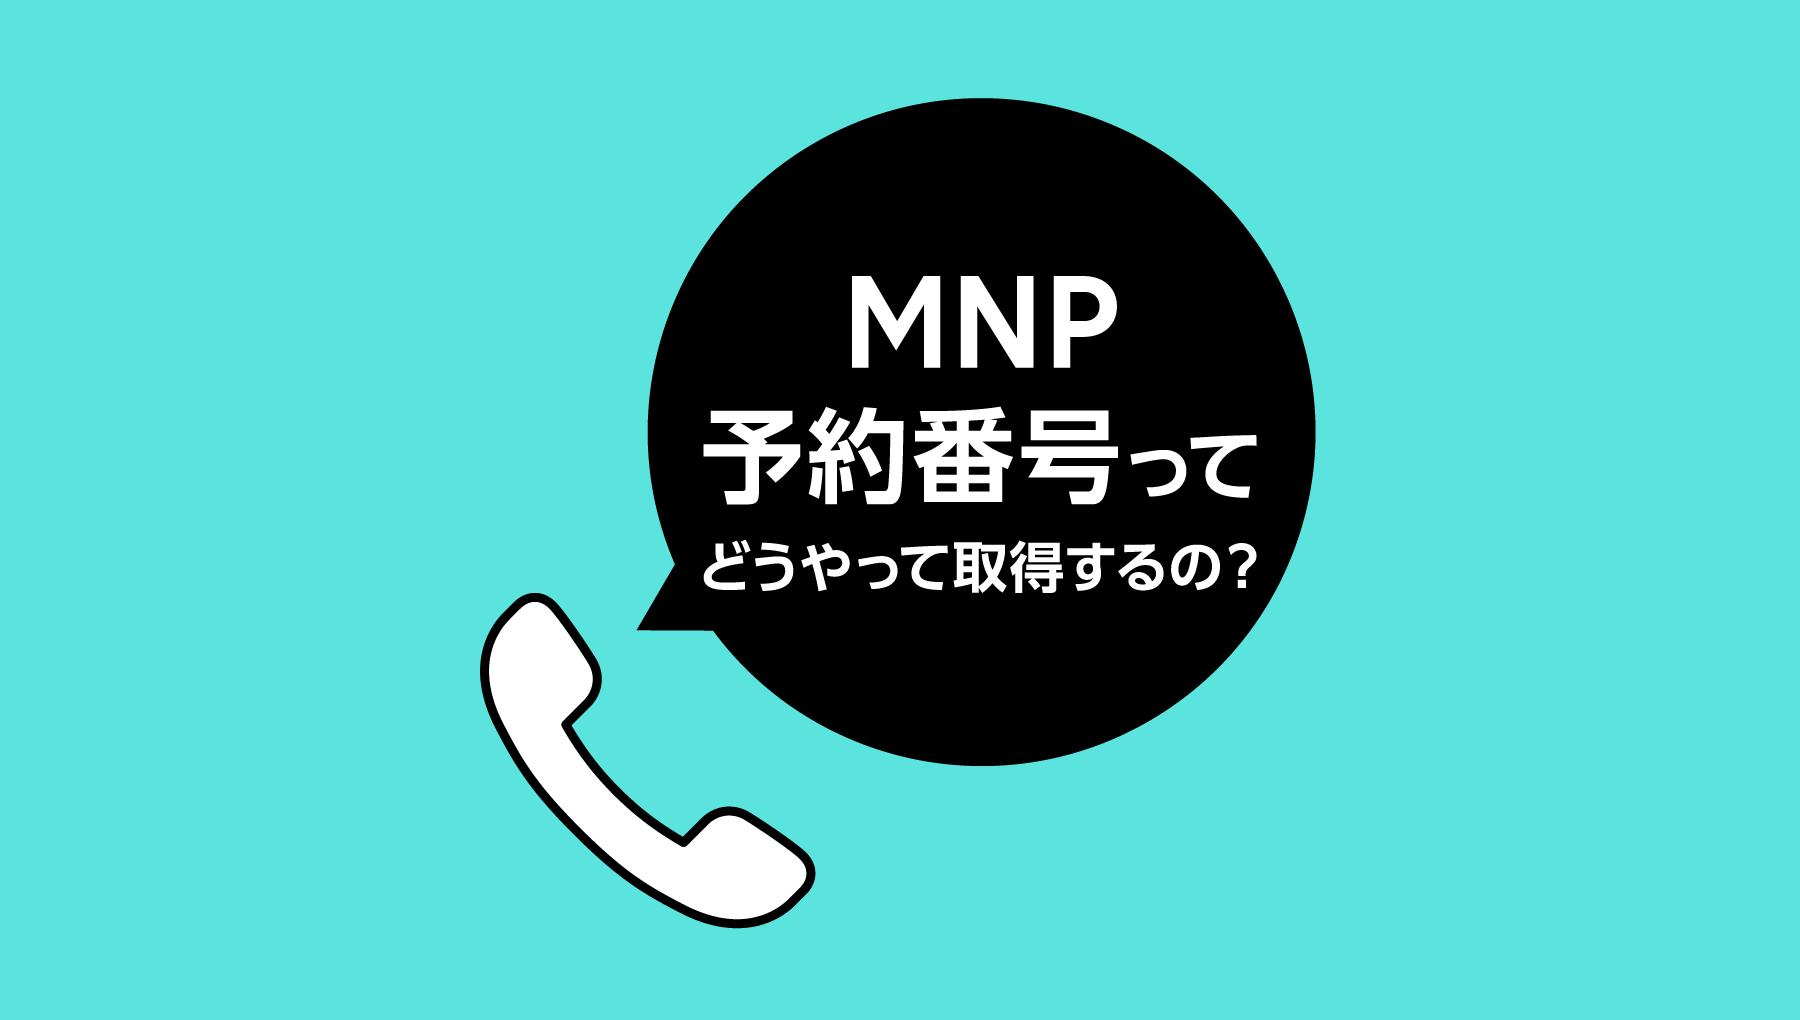 電話番号を変えずに契約会社を変えたい!MNP予約番号を取得する方法は?